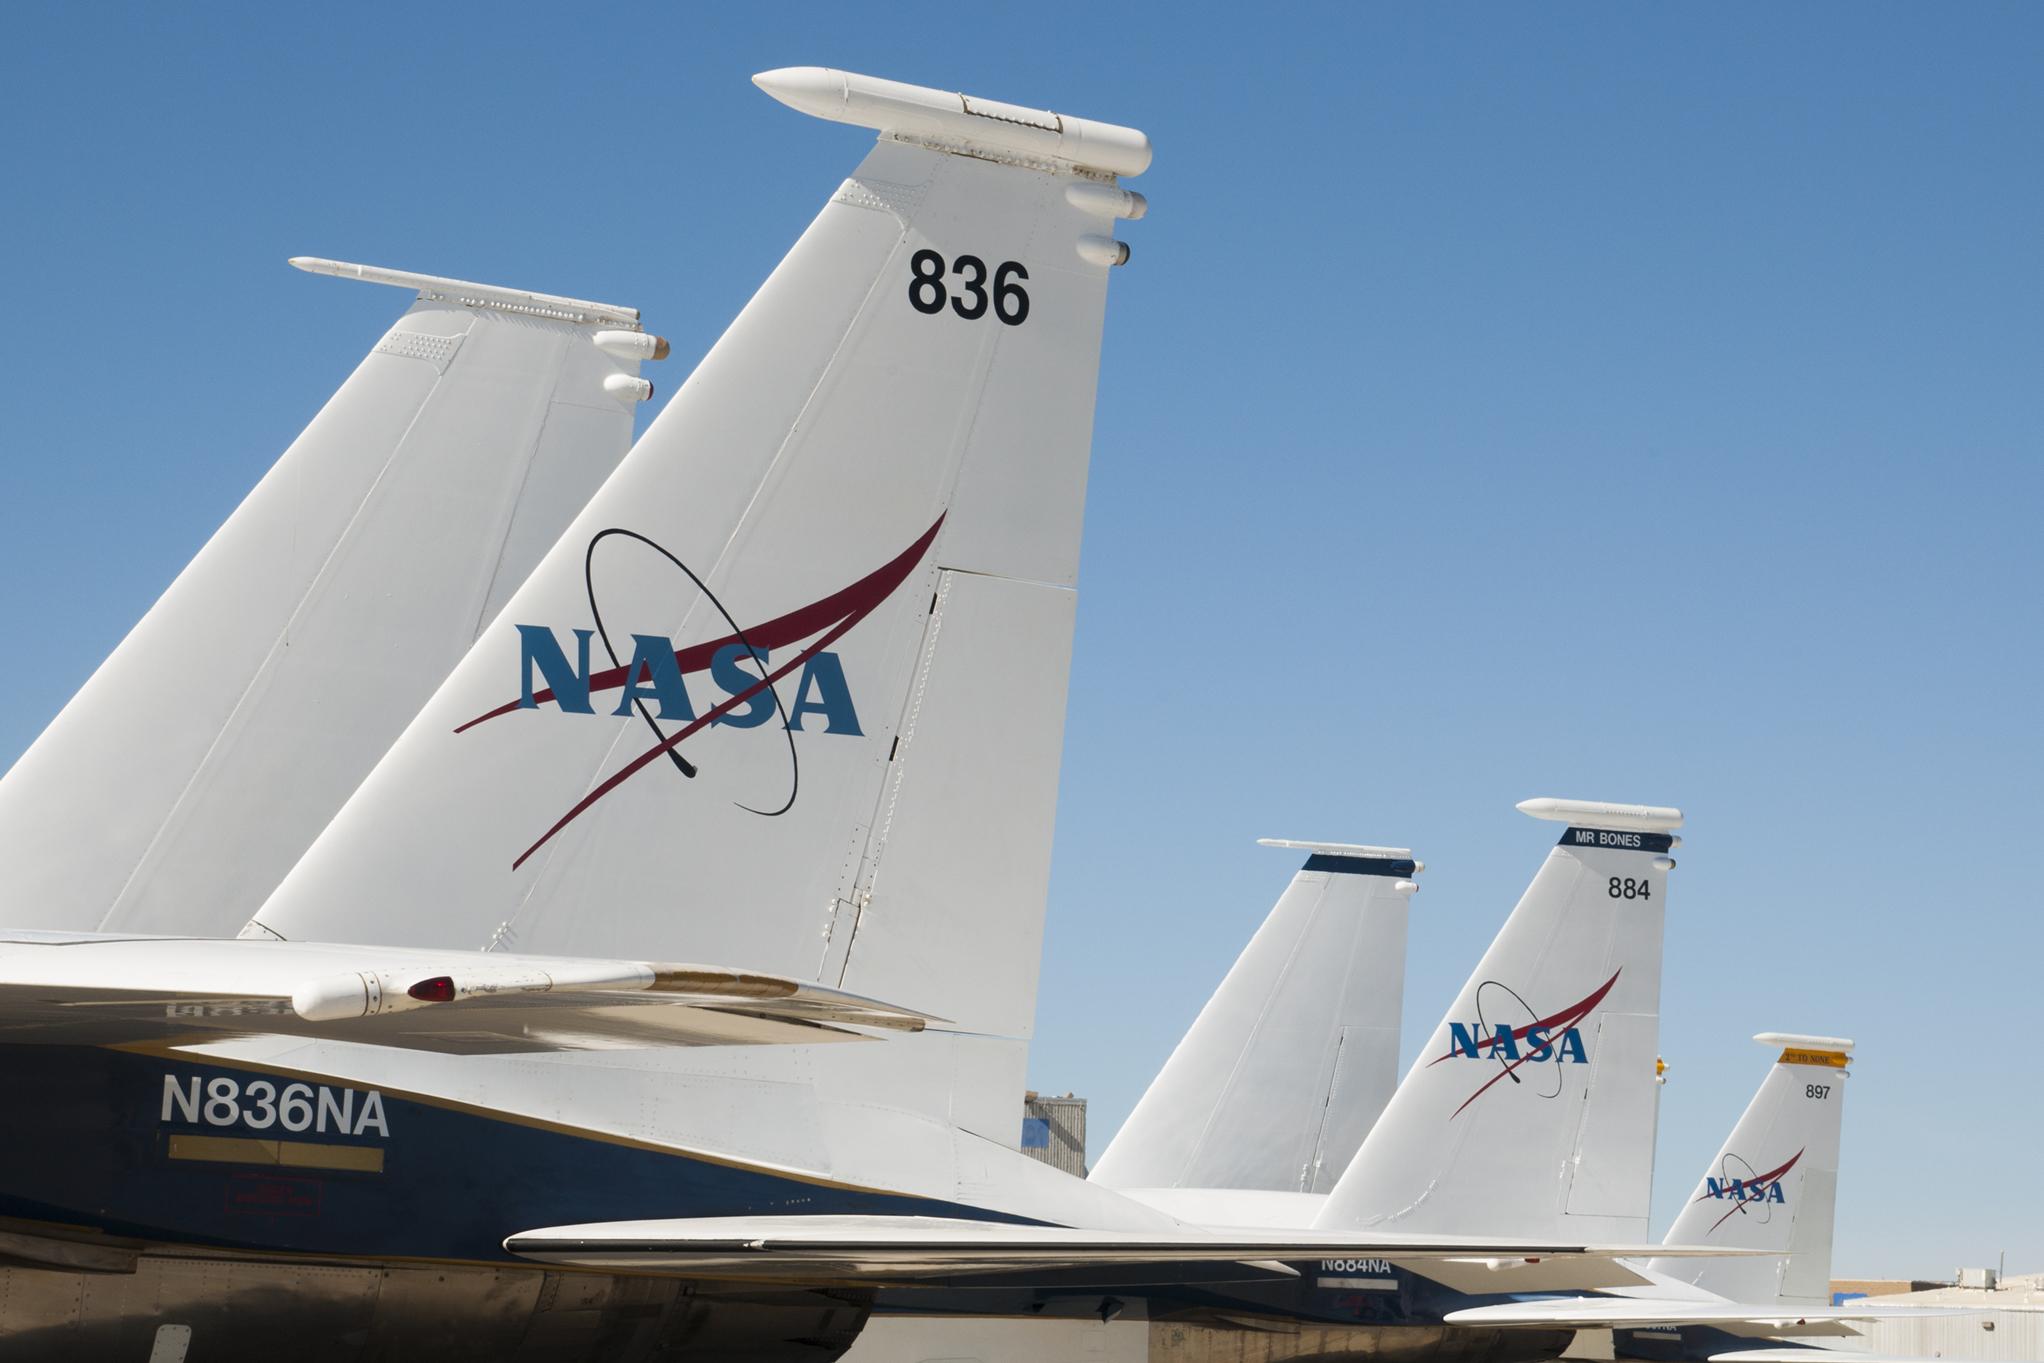 nasa aircraft inventory - HD2044×1363